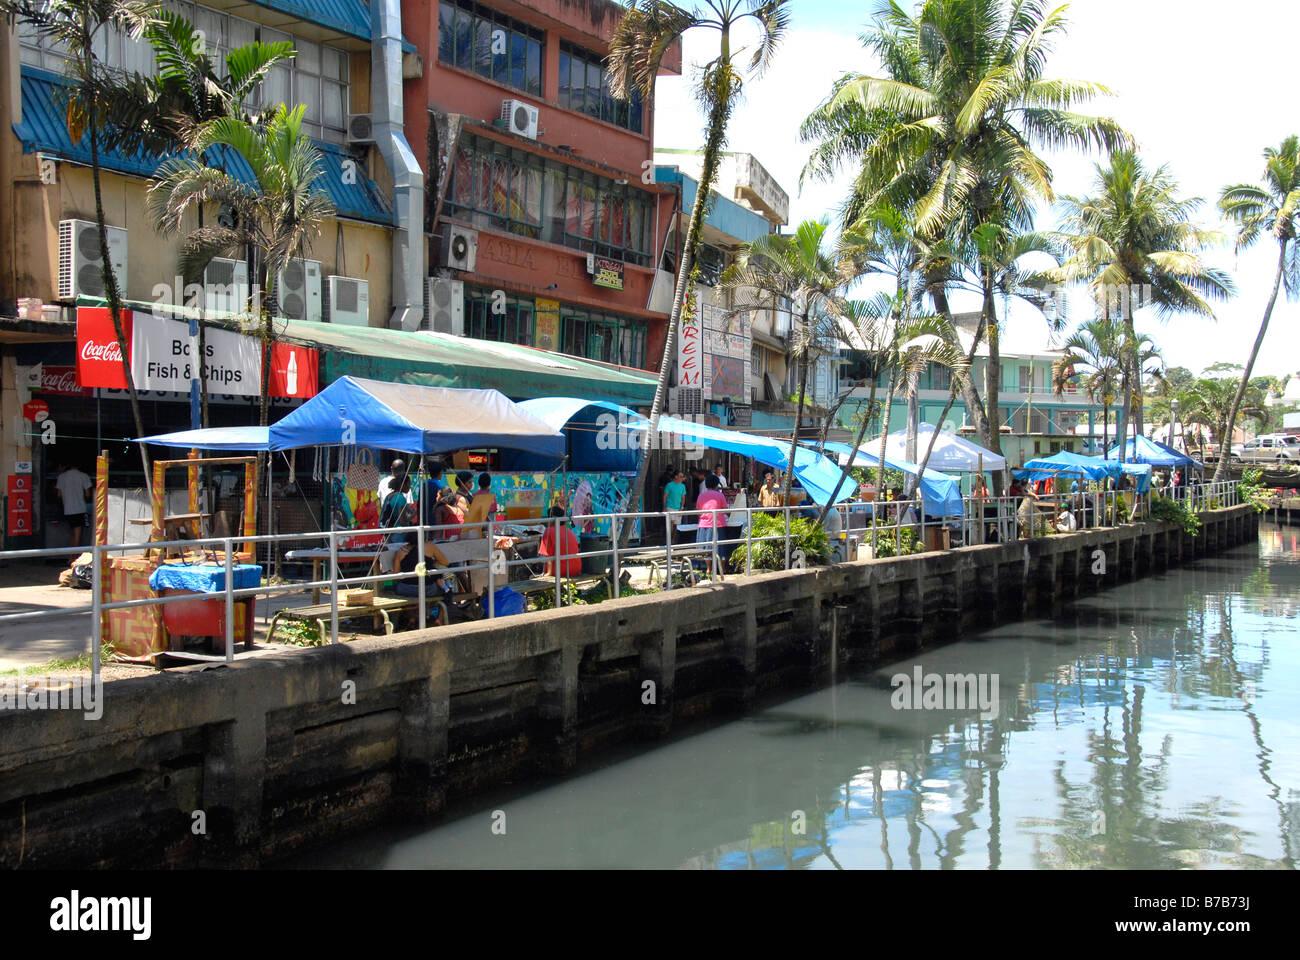 Outdoor Market Suva Fiji Stock Photo Royalty Free Image